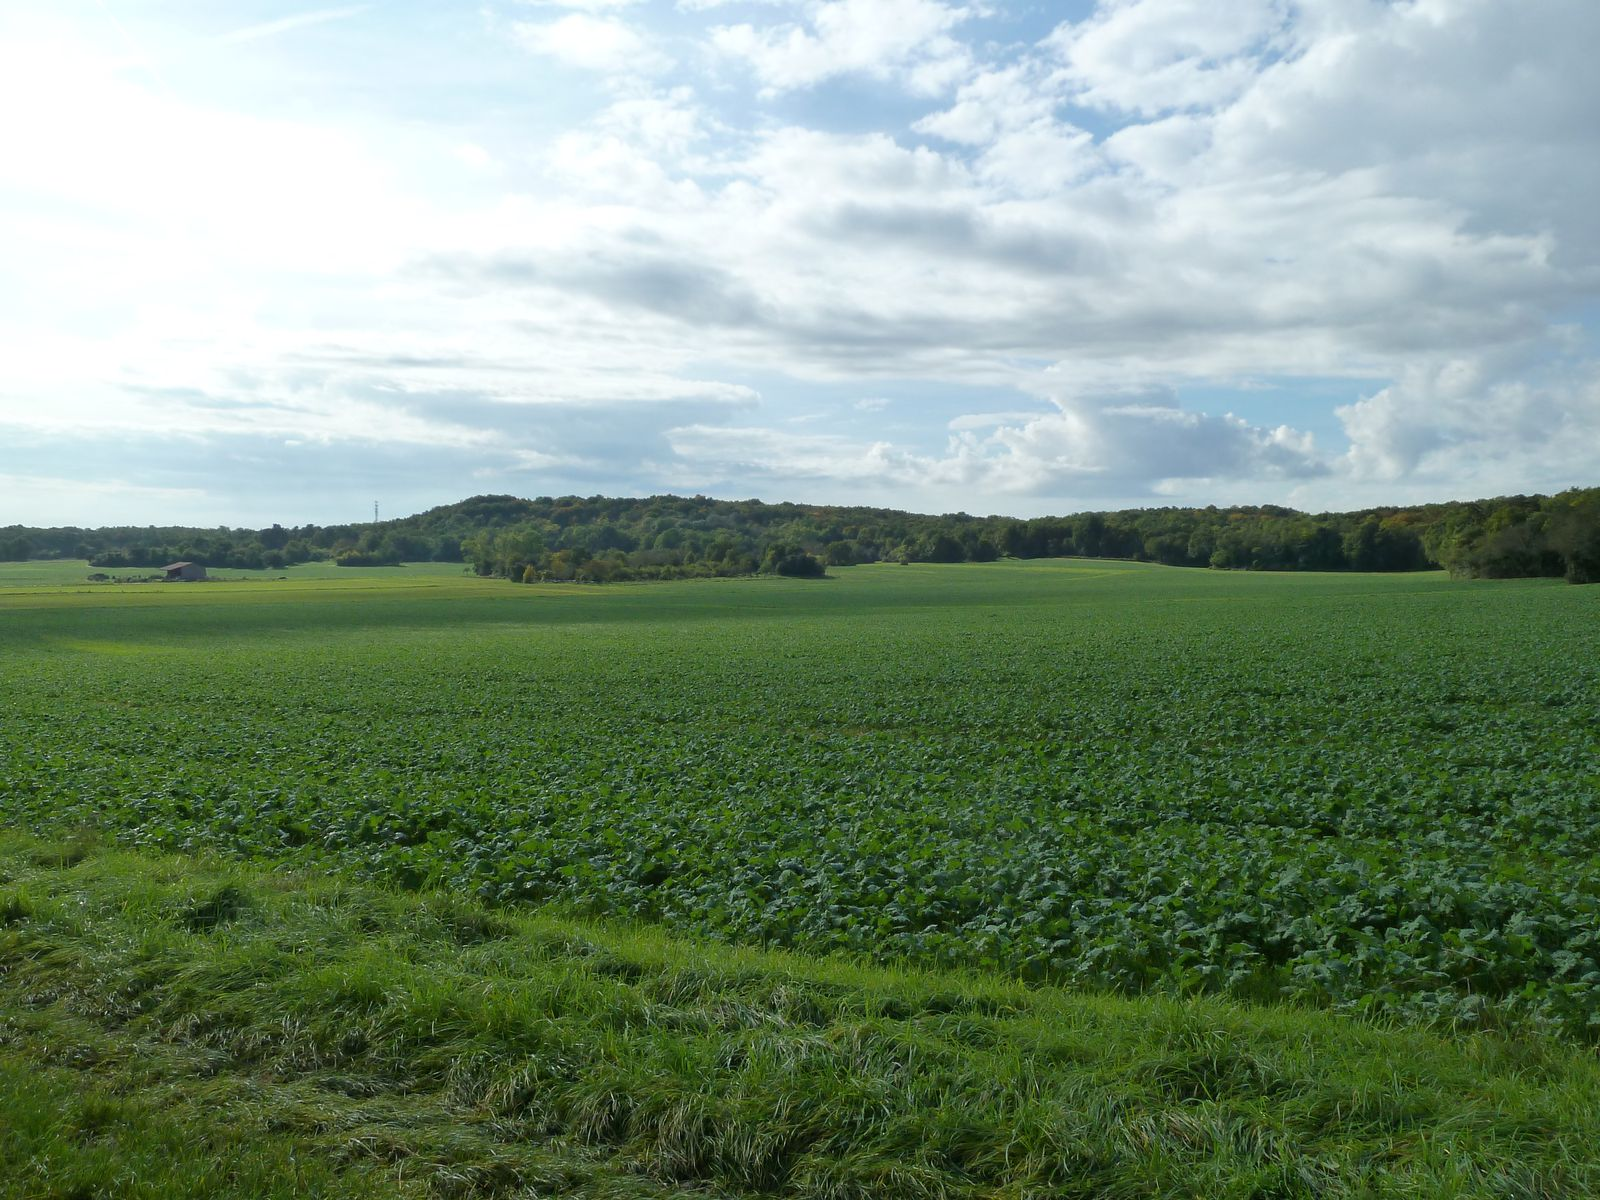 Je crois que ce sont des champs de colza.